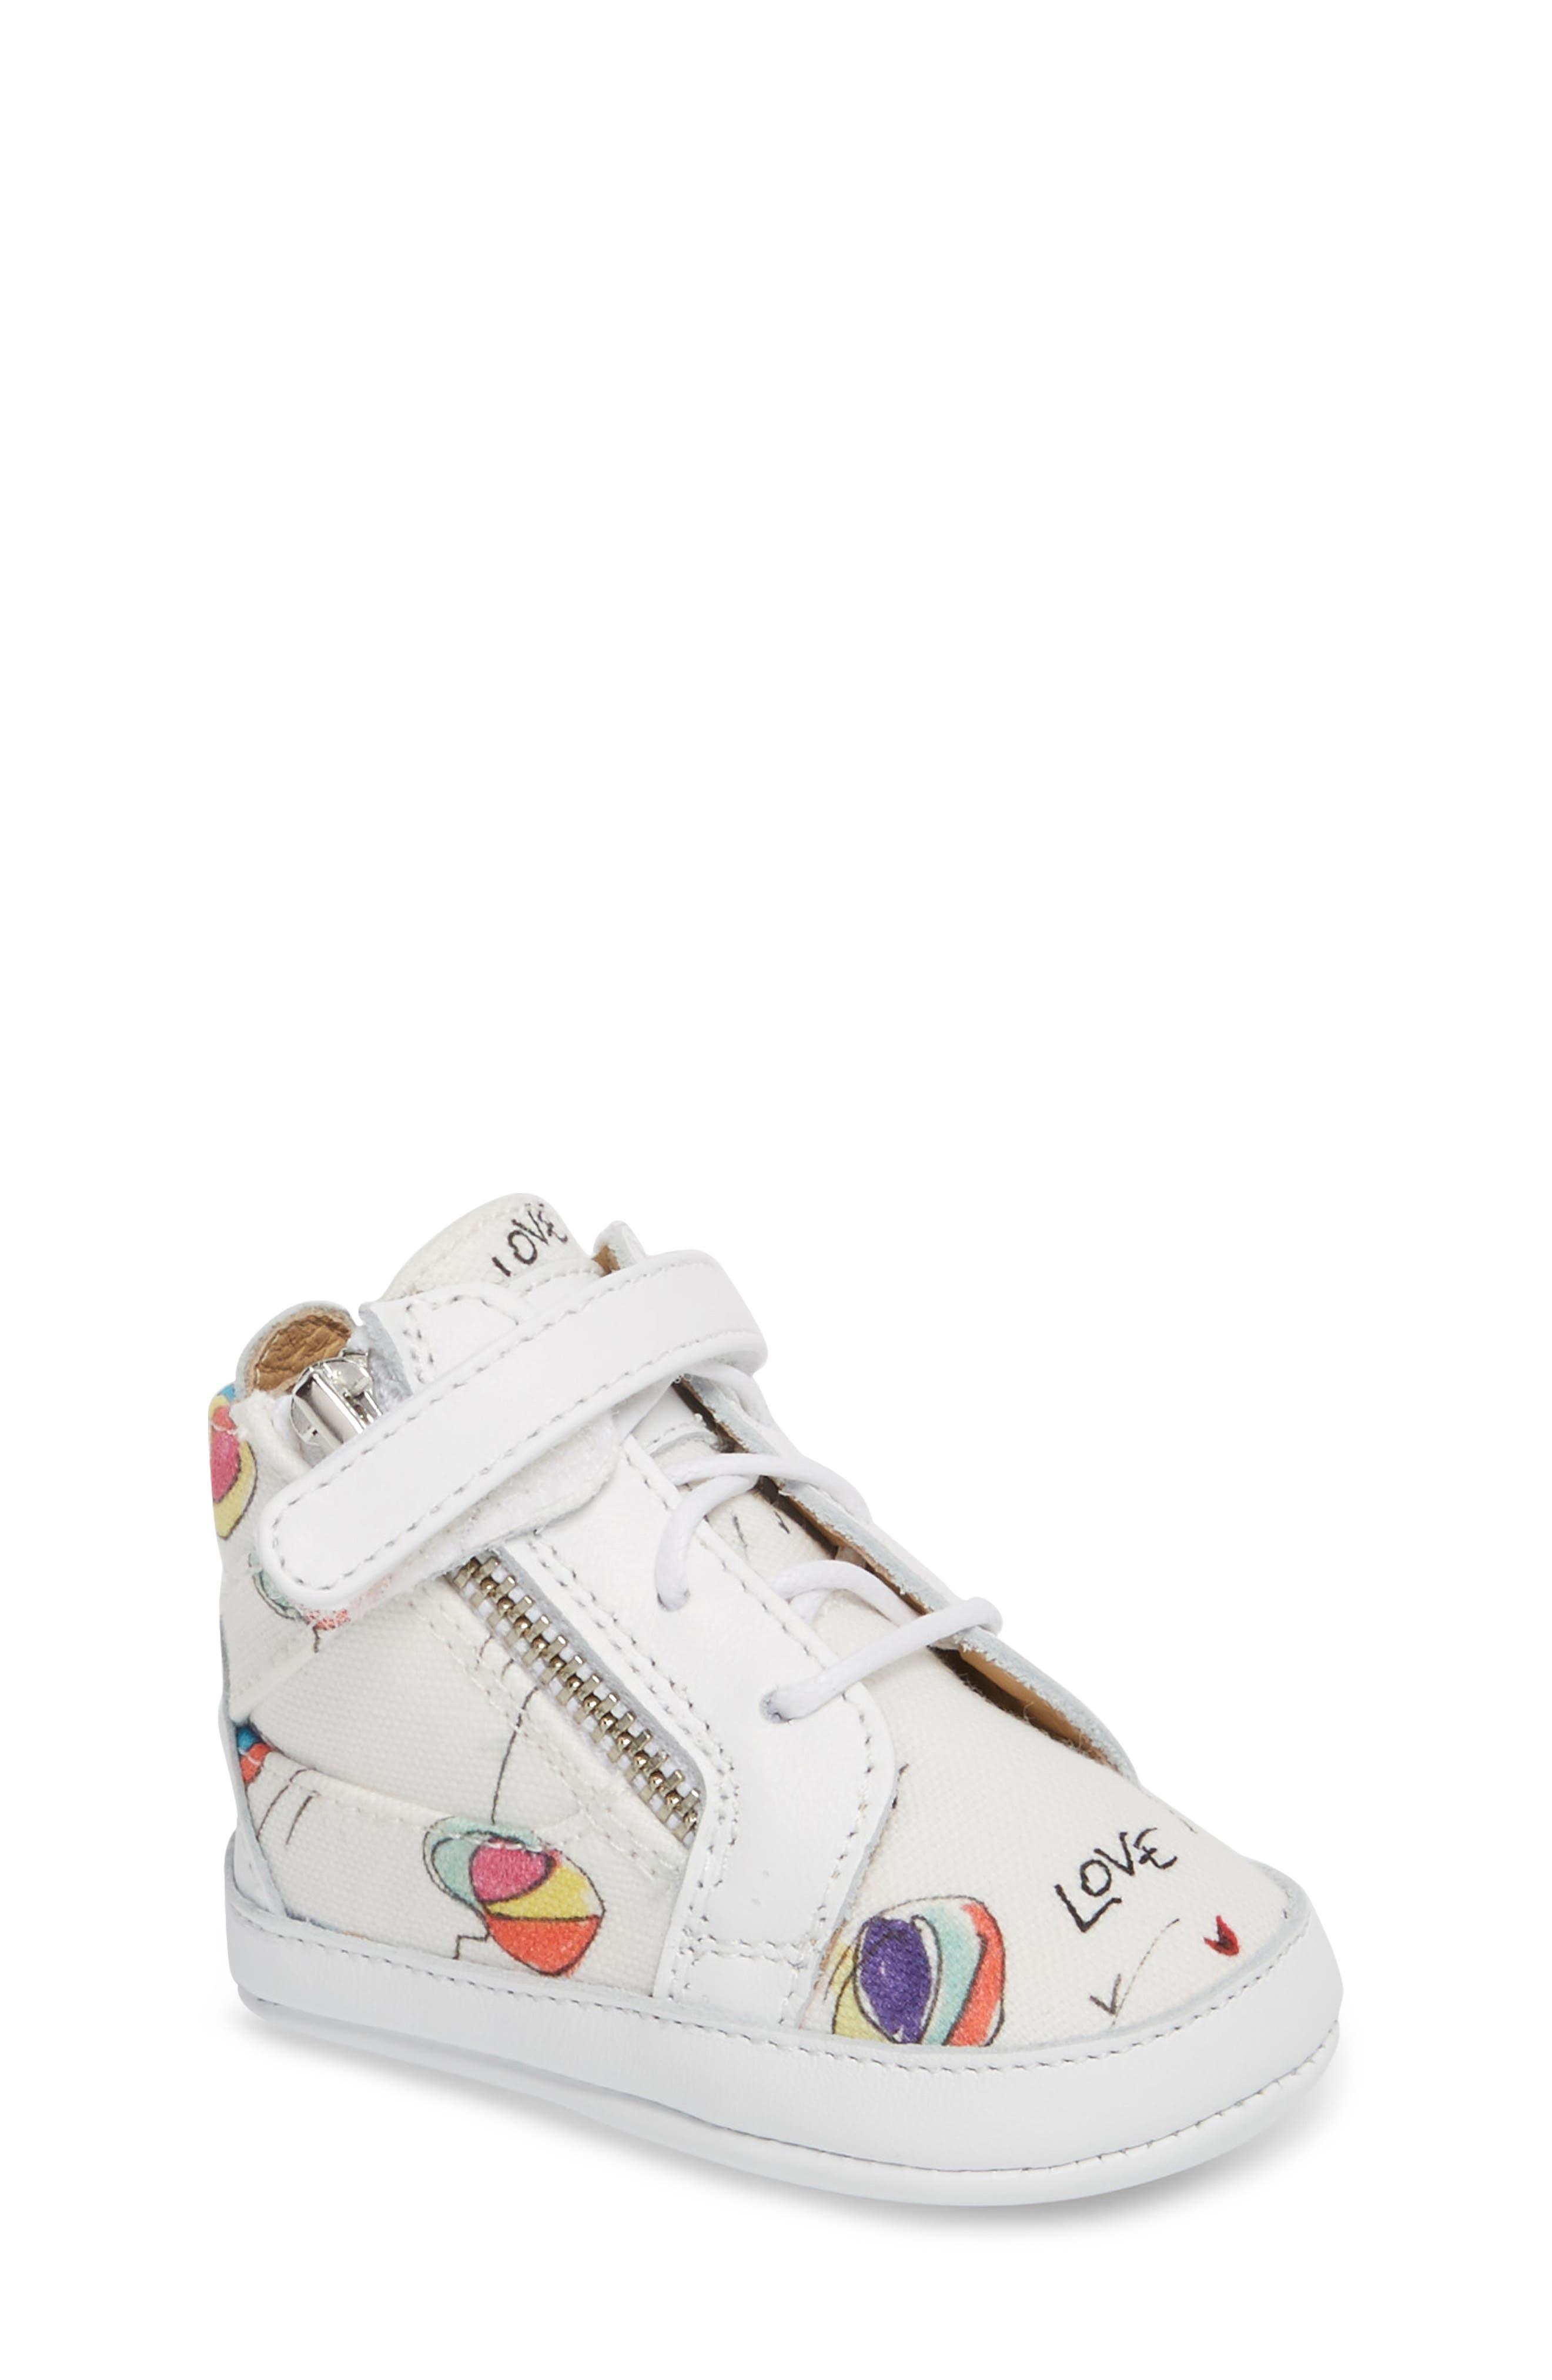 Giuseppe Zanotti Culla London High Top Crib Sneaker (Baby)